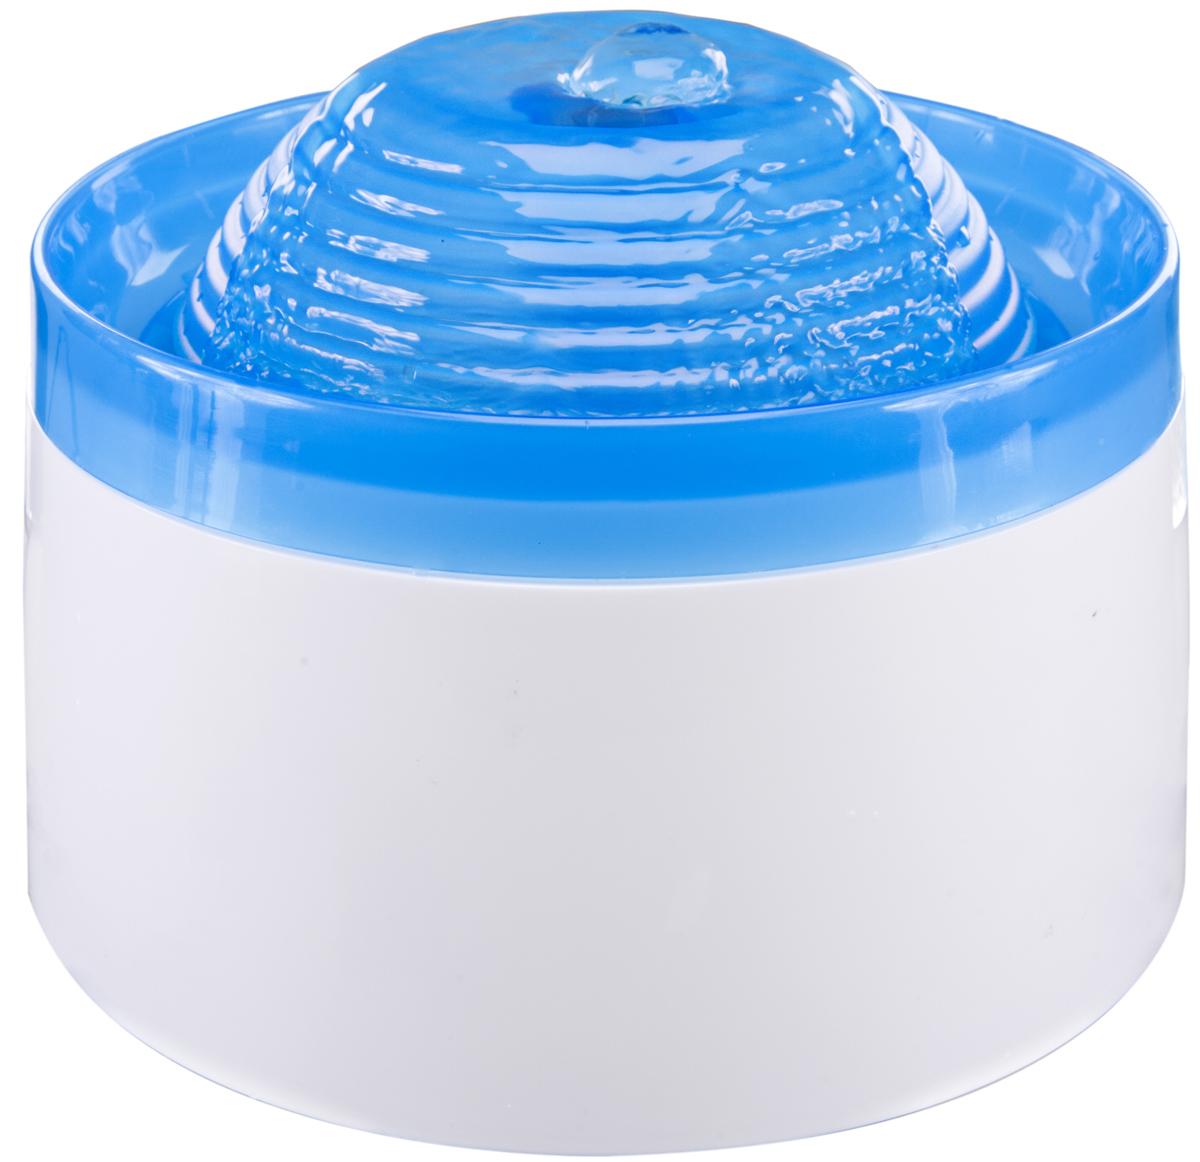 Поилка-фонтанчик Penn-Plax  Fountain , цвет: белый. голубой, объем 1,9 л - Аксессуары для кормления